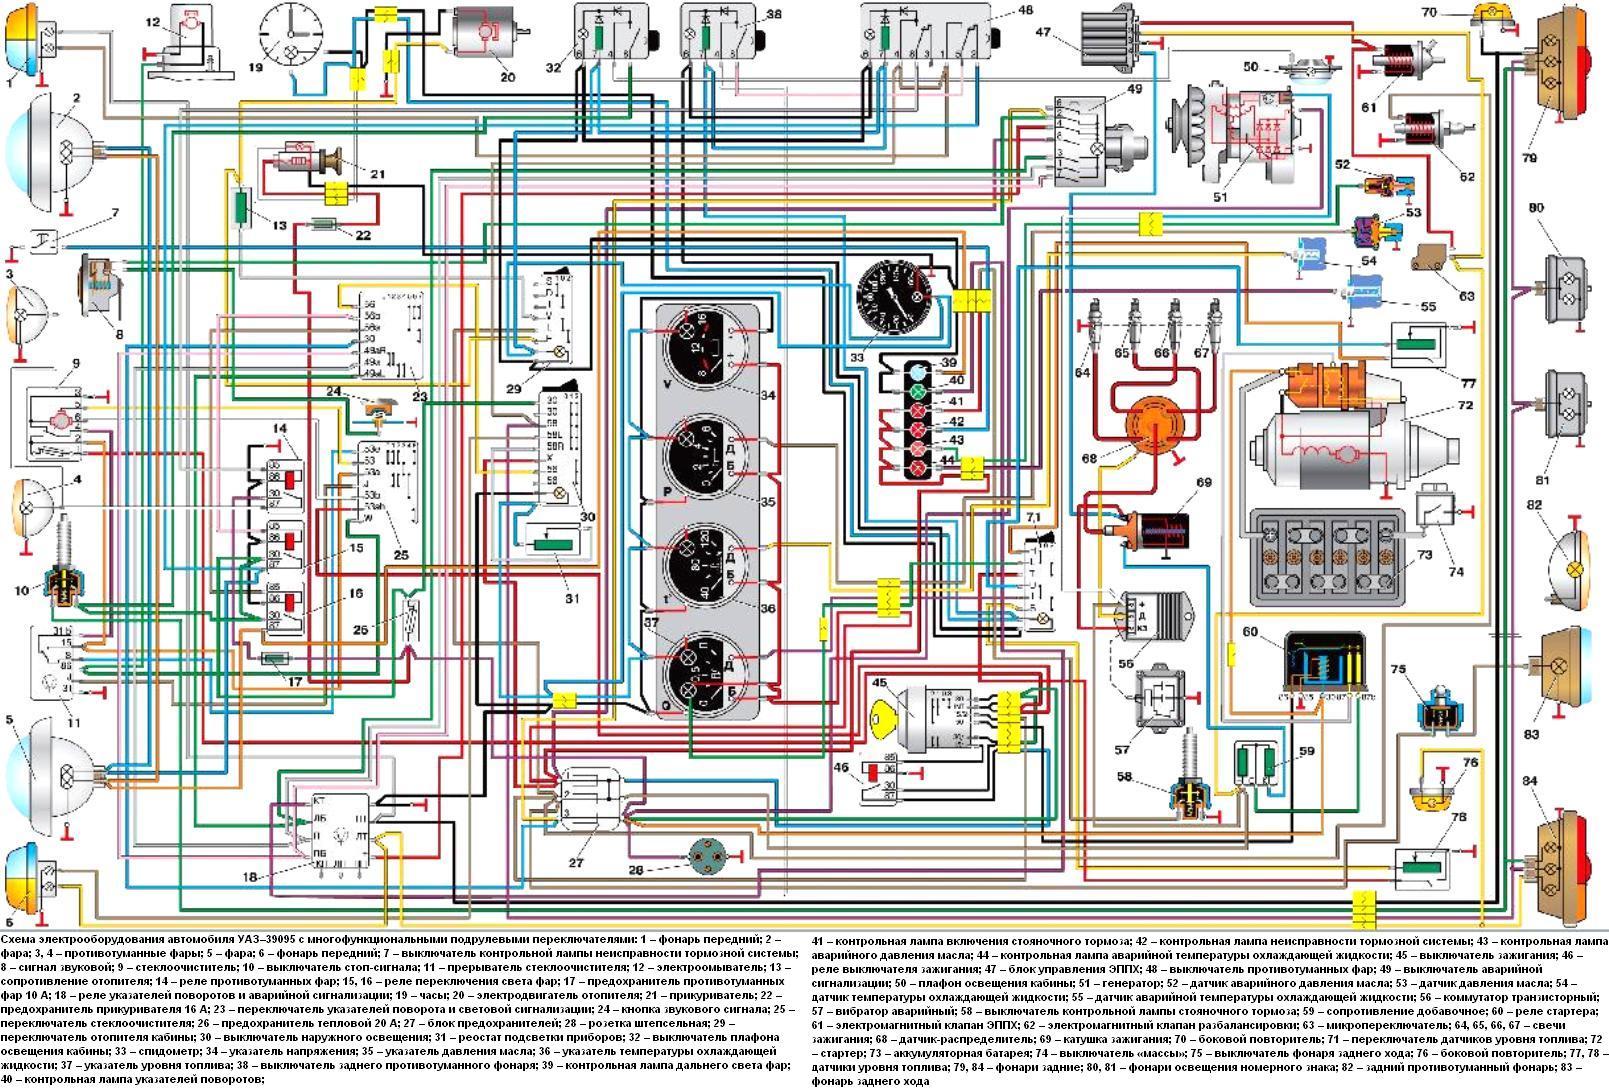 Уаз 39095 схема проводки